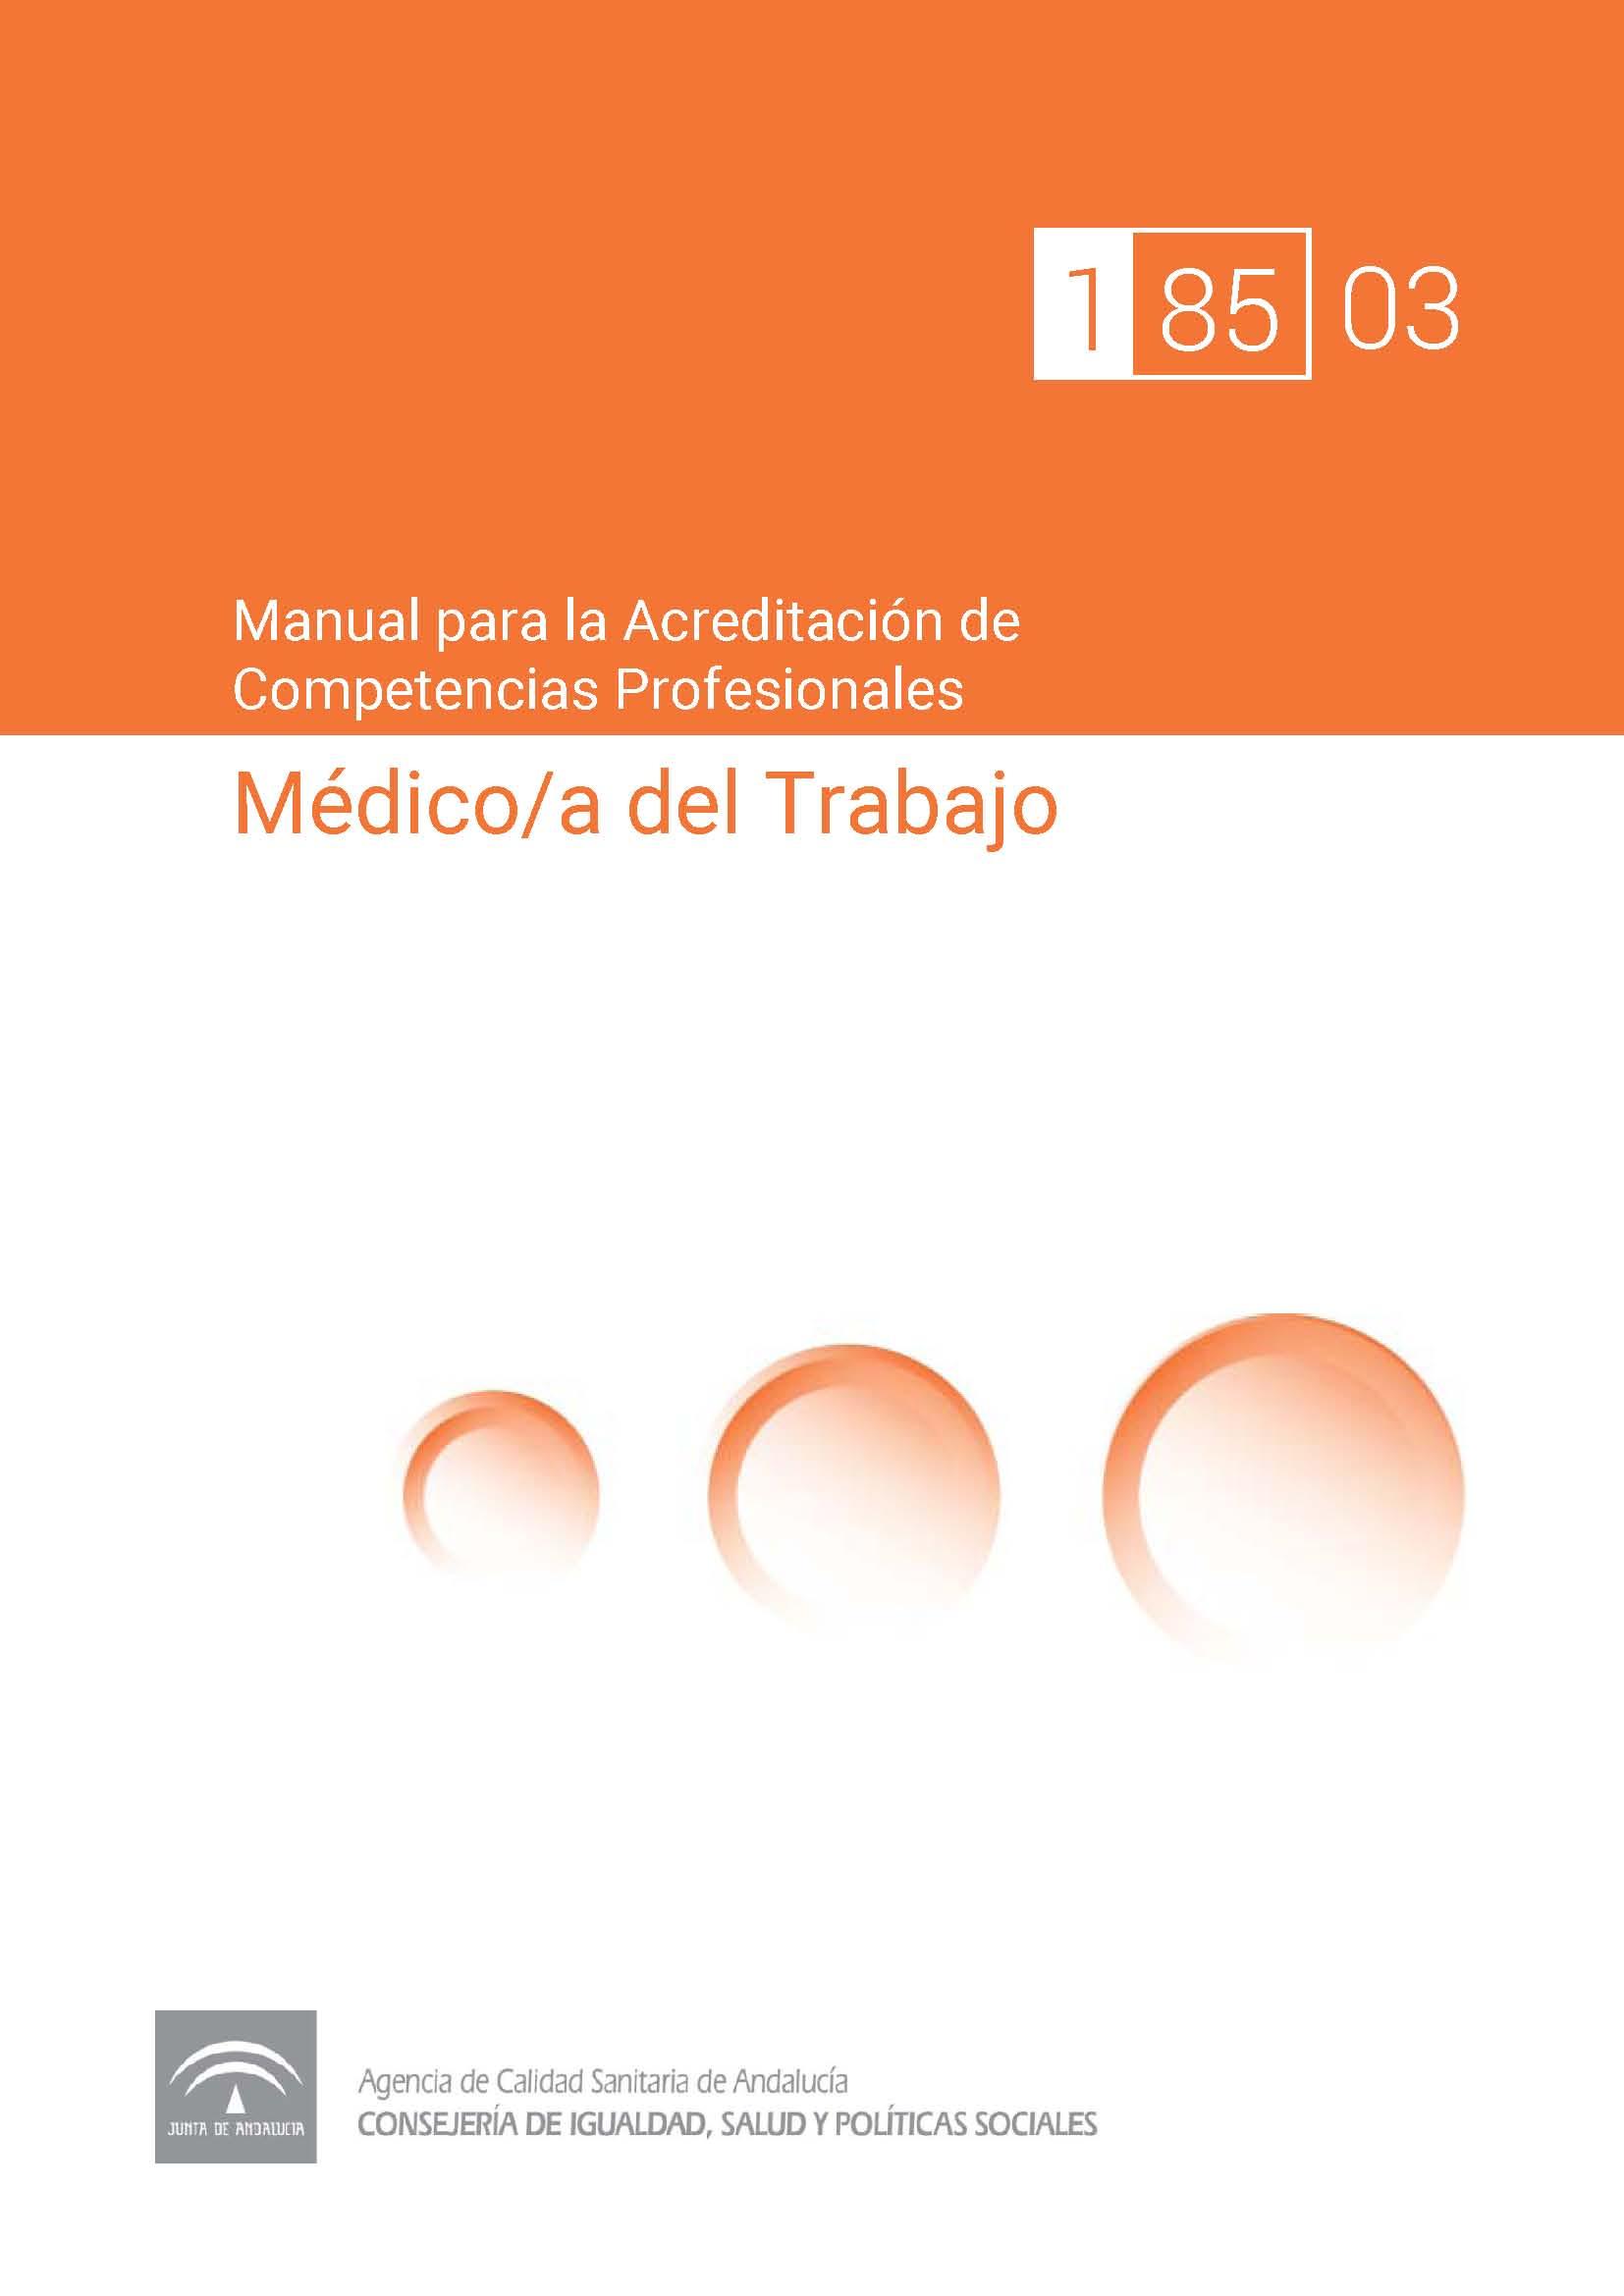 Manual de competencias profesionales del/de la Médico/a del Trabajo